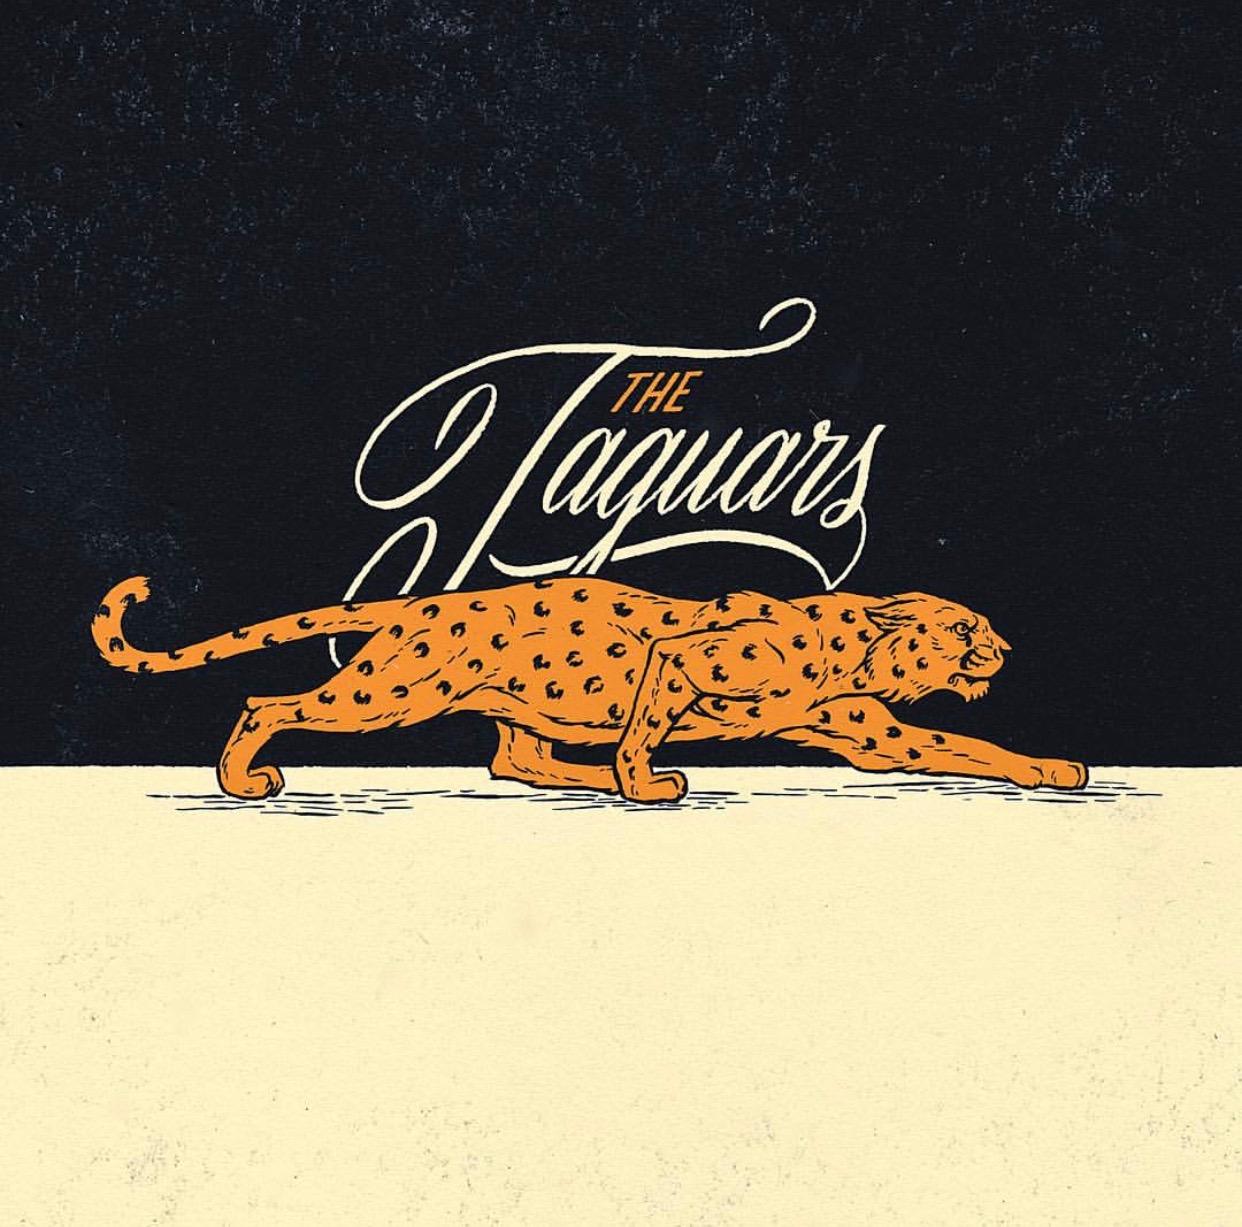 the jaguars, design inspiration